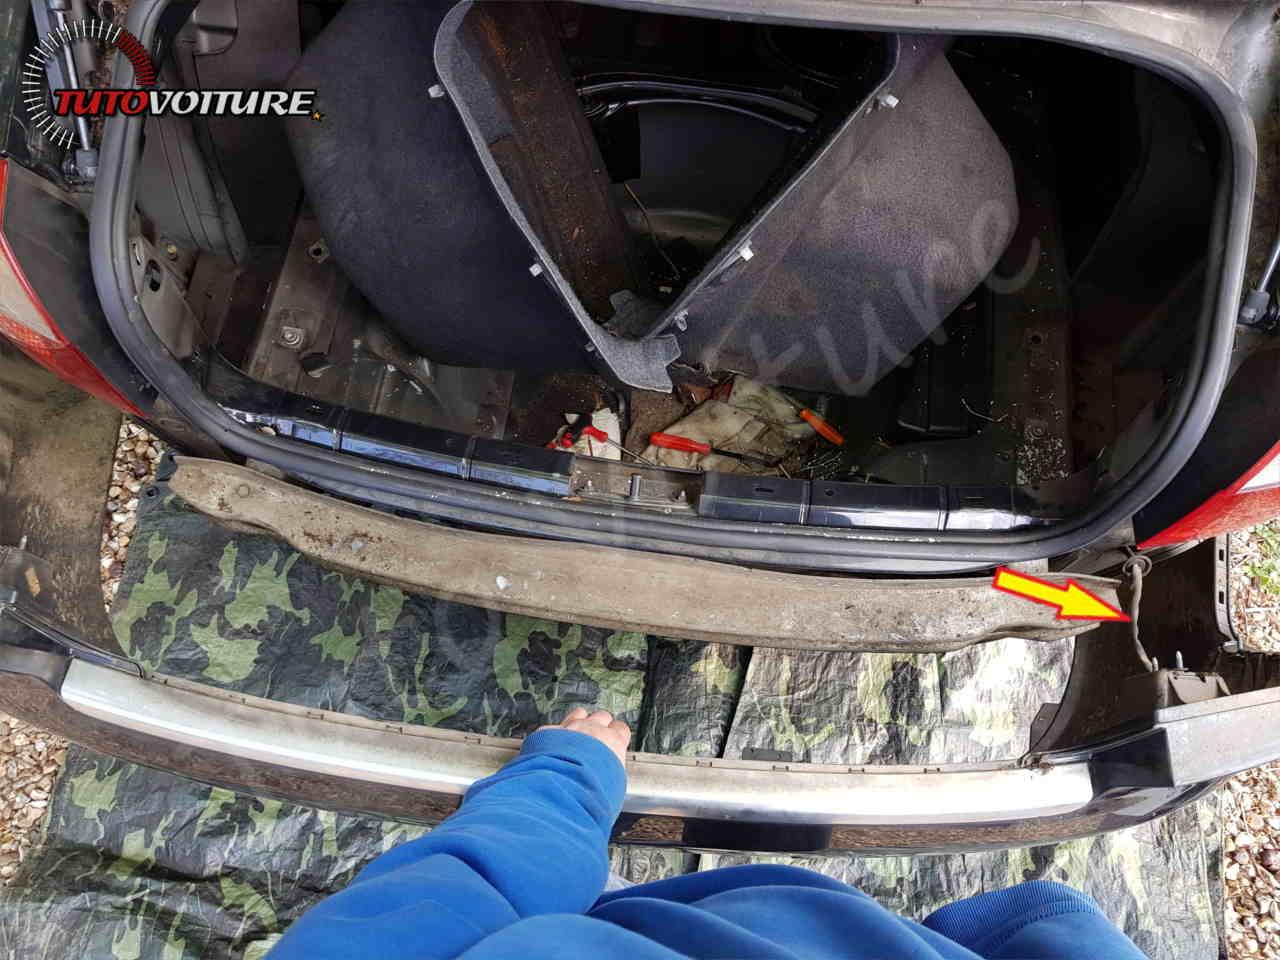 Comment retirer le pare-chocs arrière Audi A4 B6